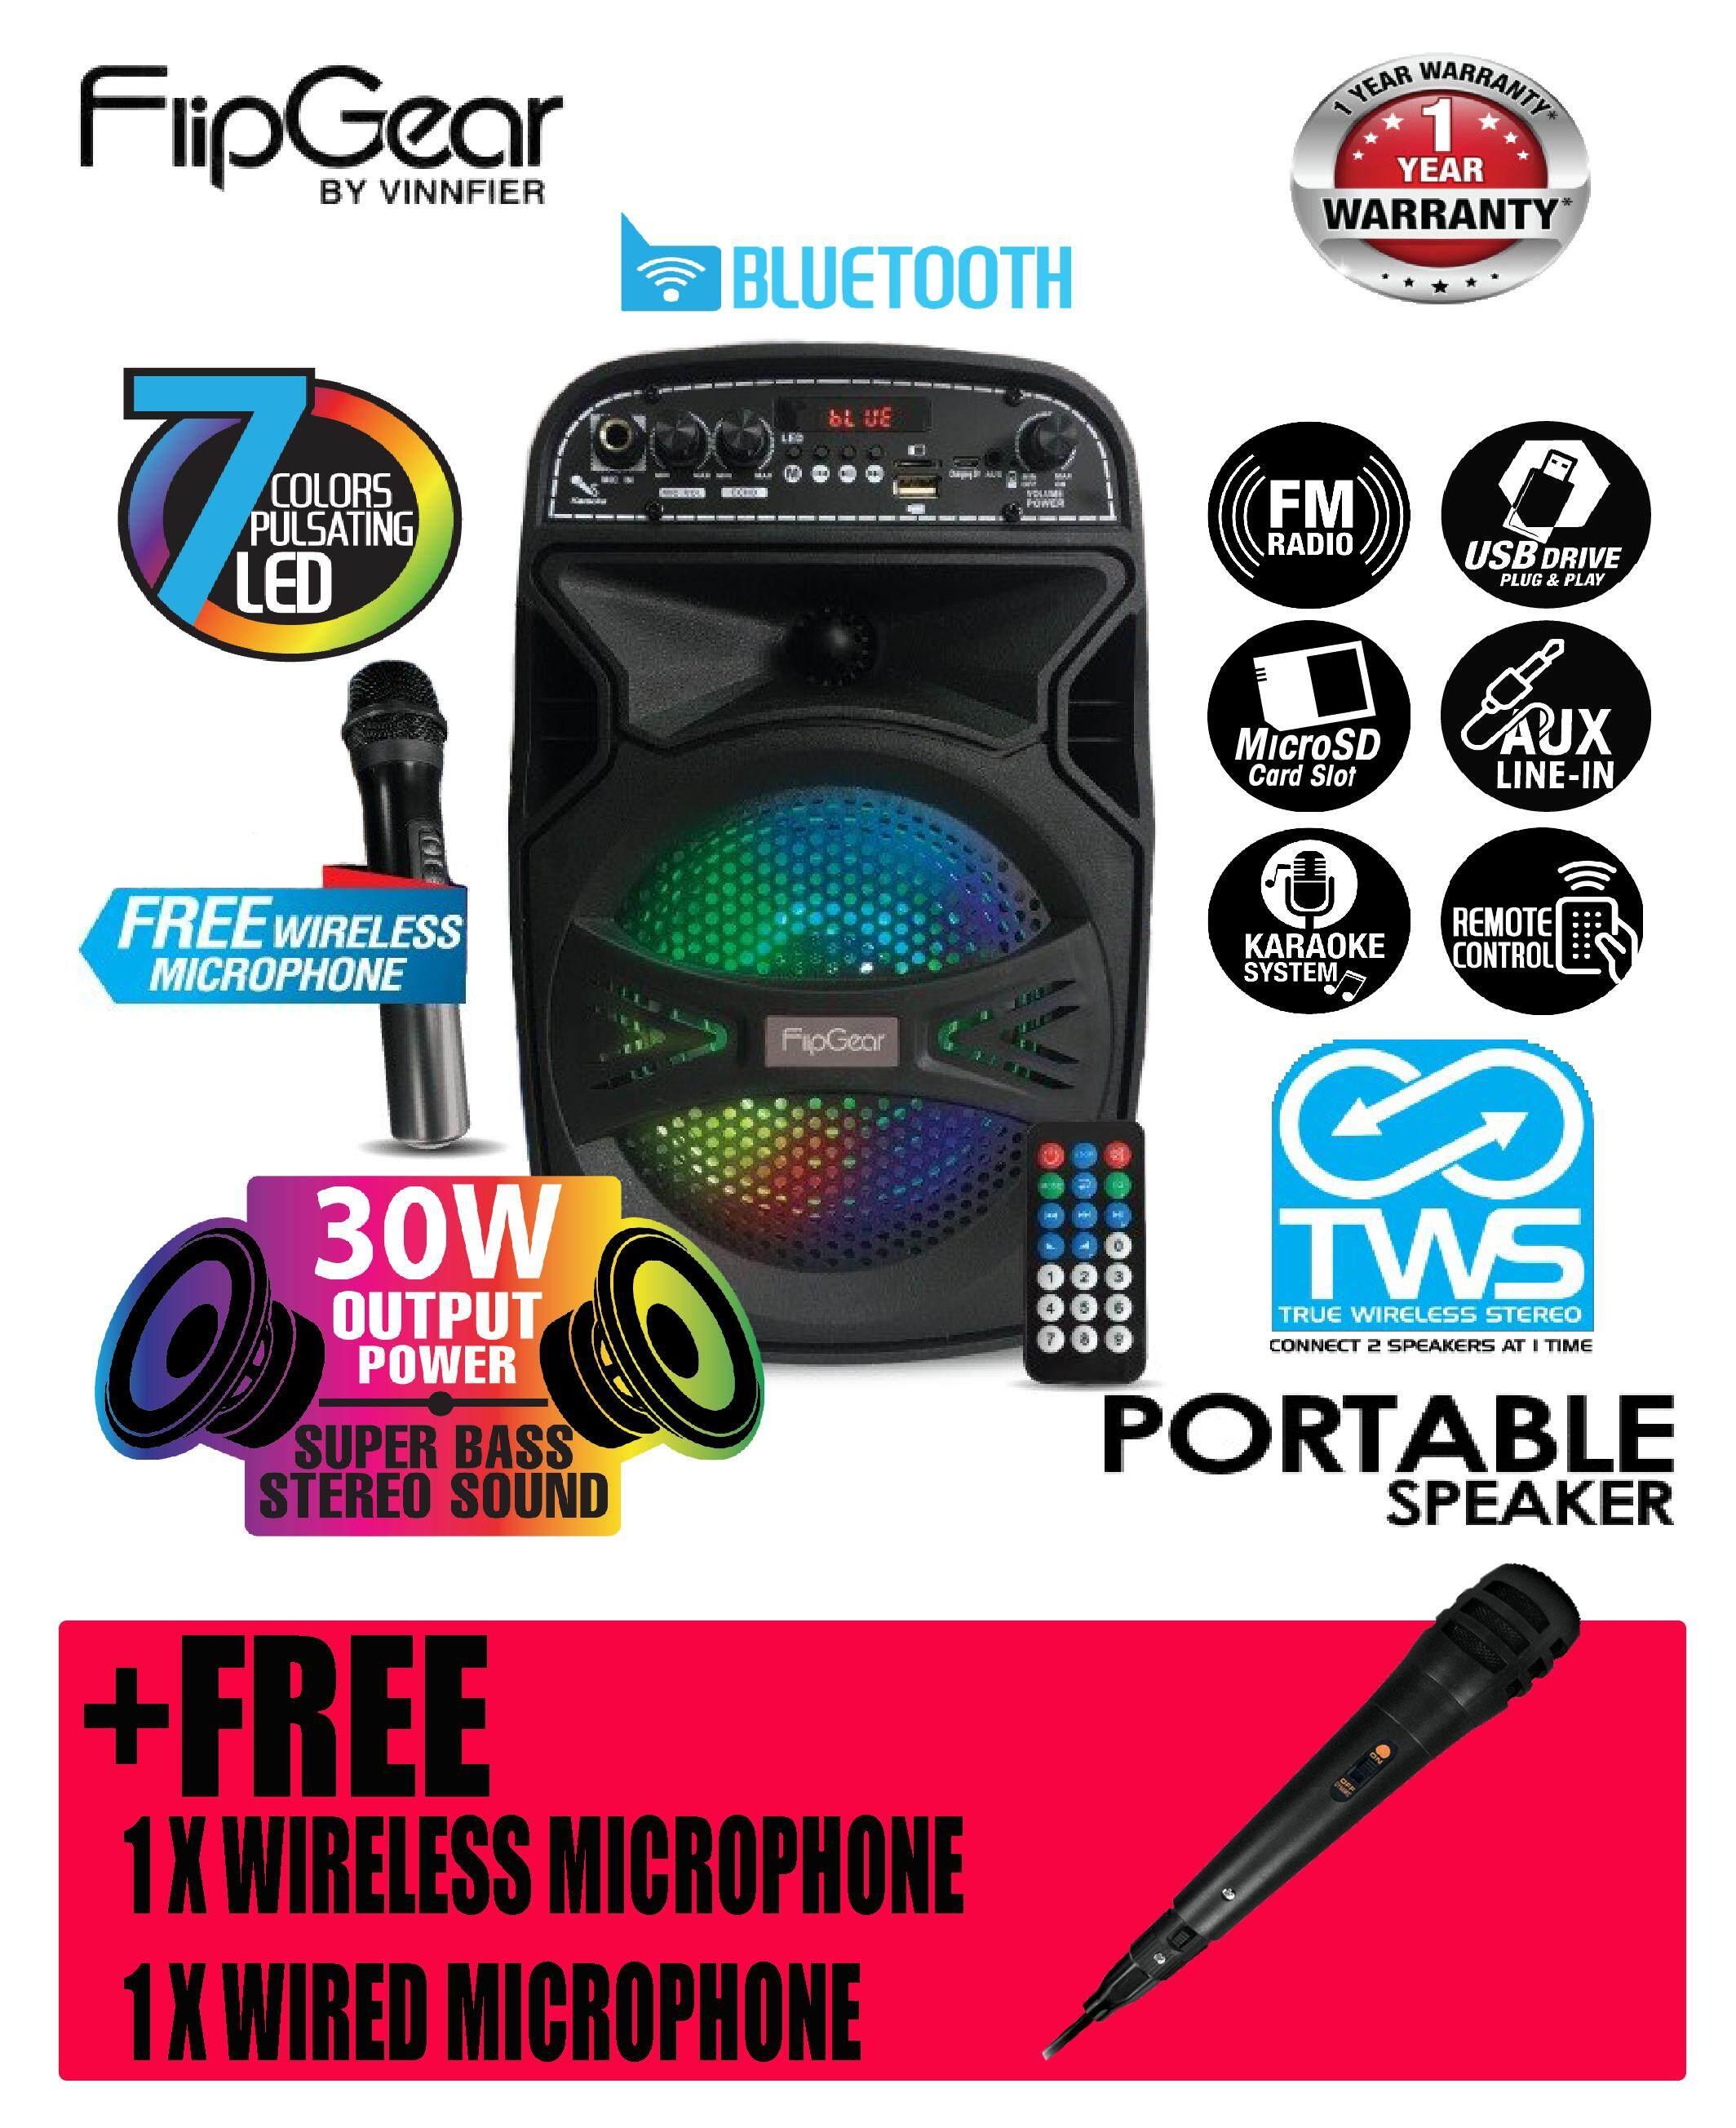 (2019) Vinnfier FlipGear Tango 210 WM Bluetooth TWS Portable Speaker Karaoke system With Wireless Microphone Tango 210wm